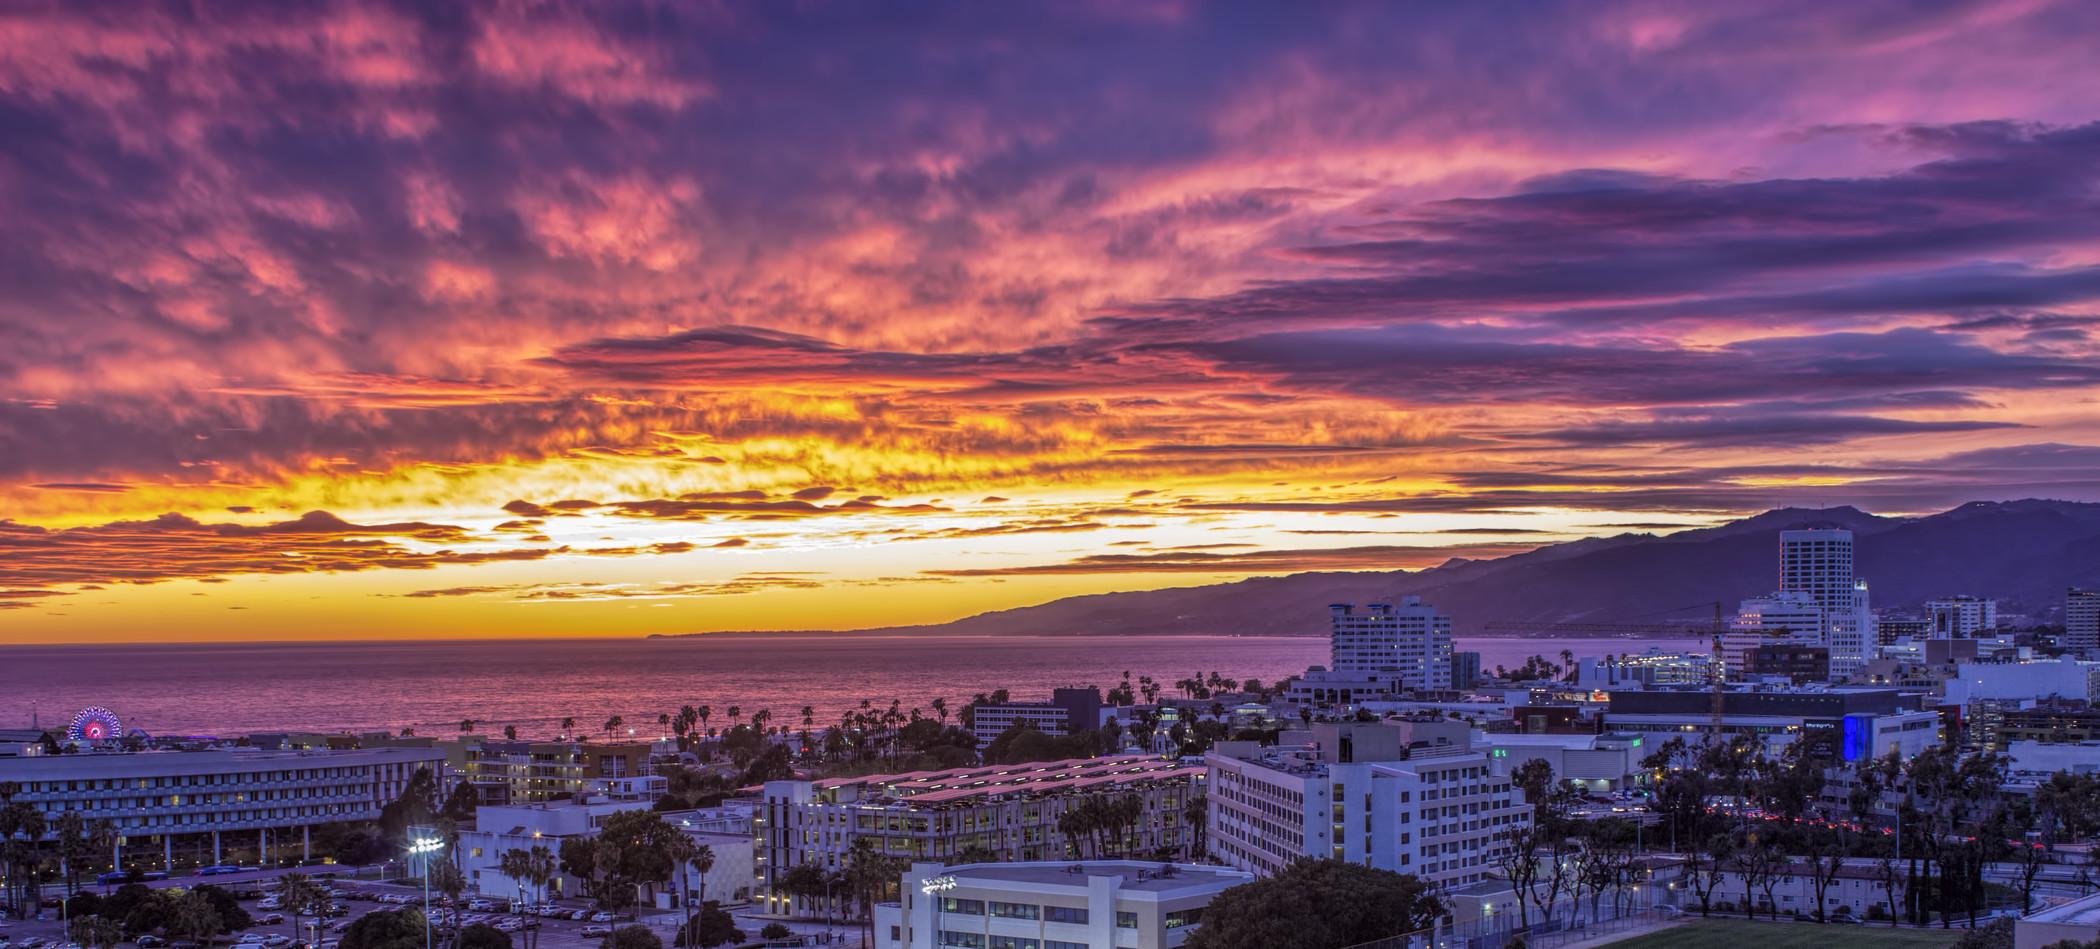 mer1135wn-179246-Hotel View of Santa Monica Shoreline-Med.jpg